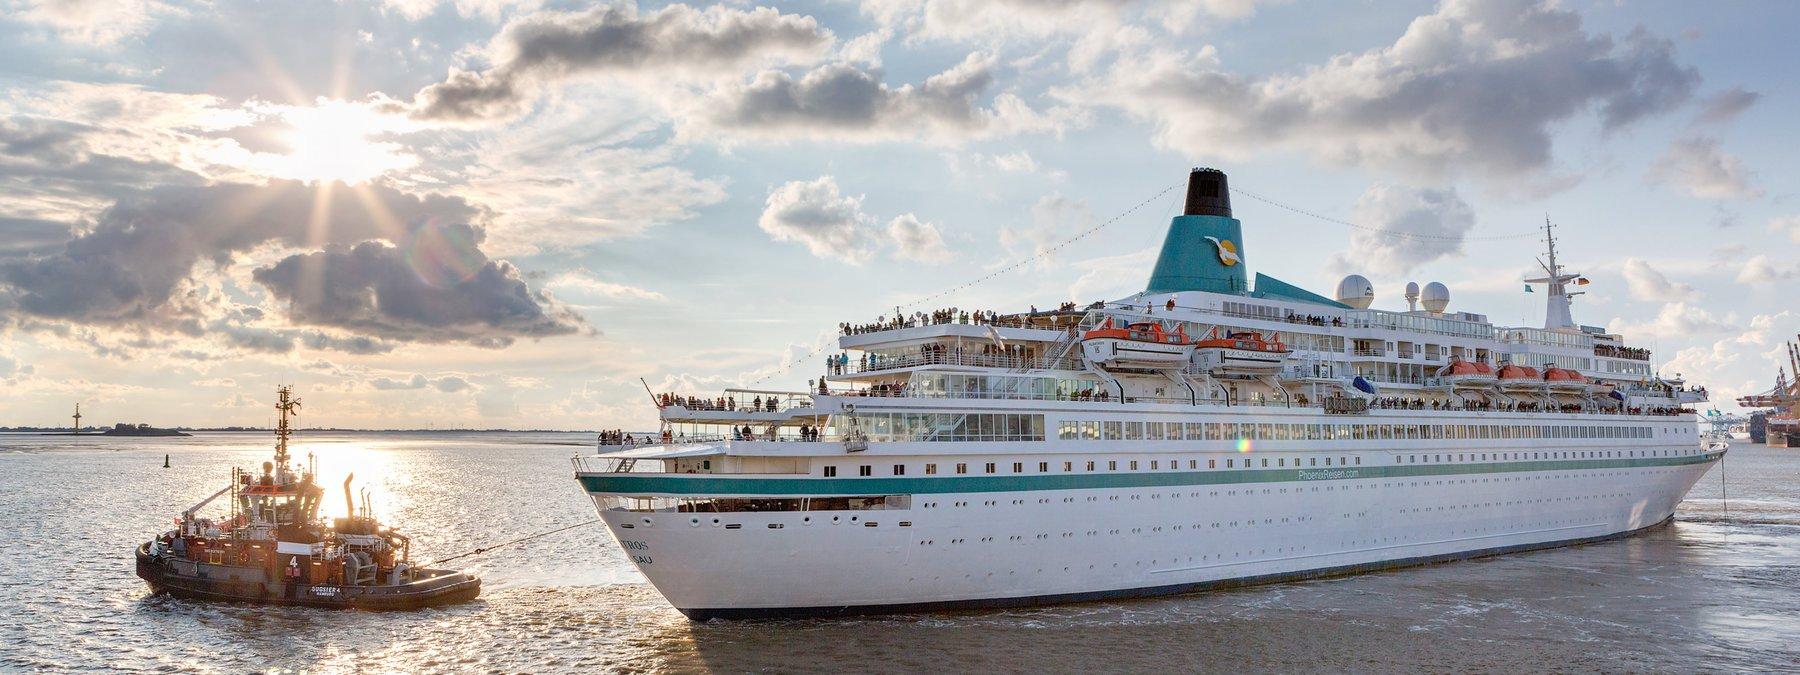 Weltreise mit MS Albatros von Hamburg & genua (c) Phoenix-Reisen